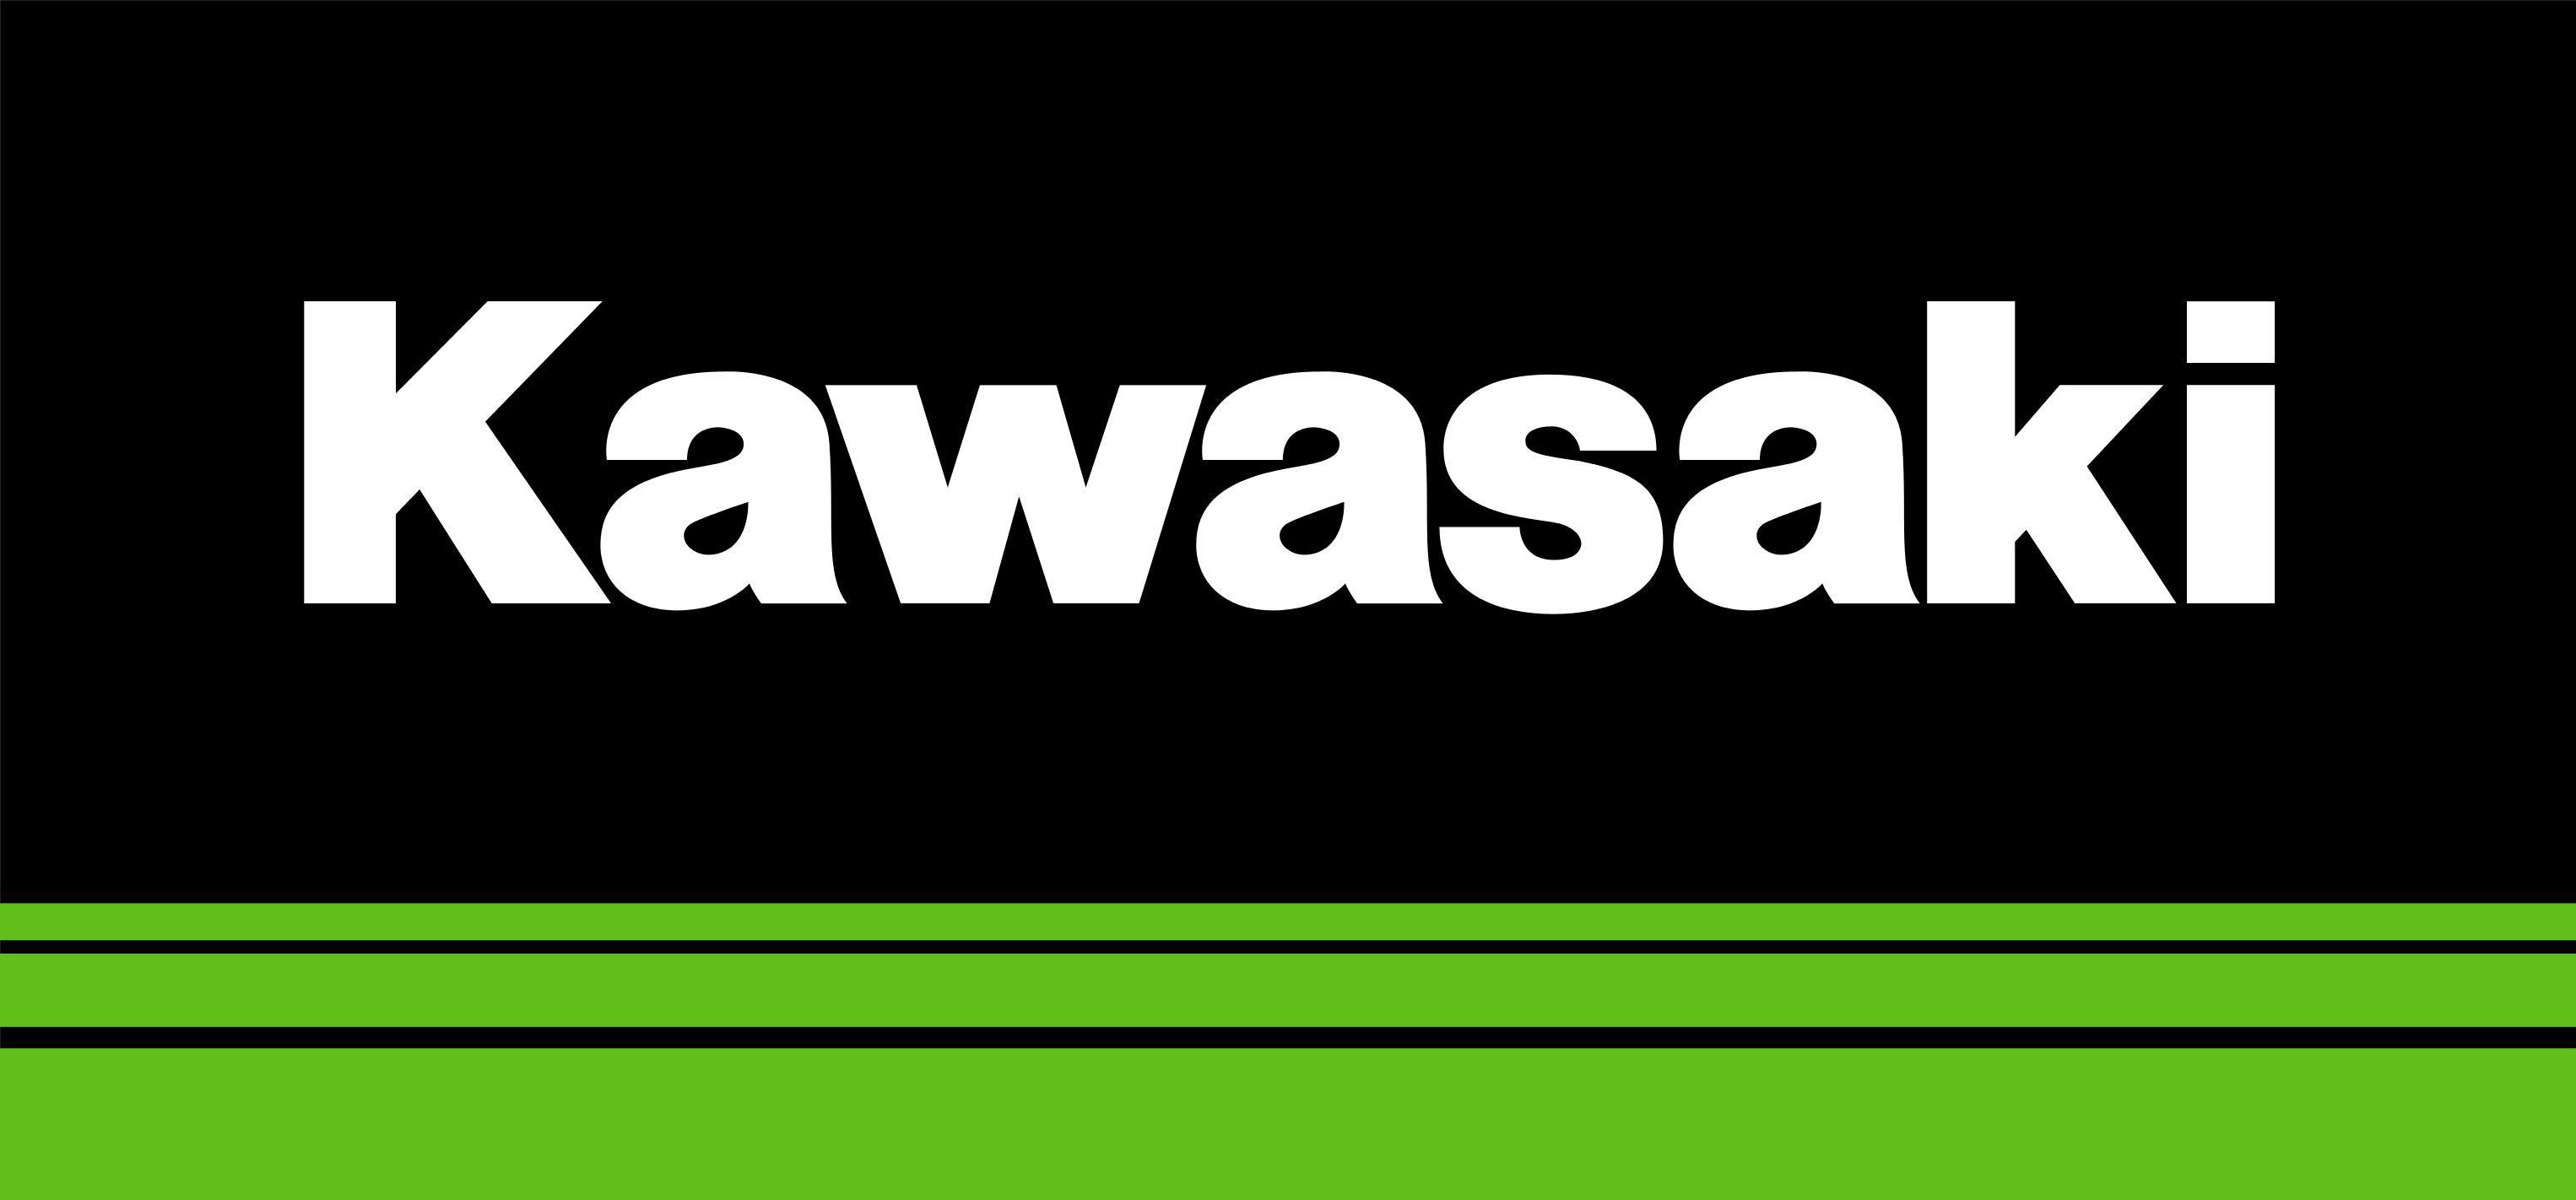 Kawasaki Logo 41500 3052x1422 Px Hdwallsource Com Kawasaki Motor Kawasaki Motorcycles Kawasaki Bikes